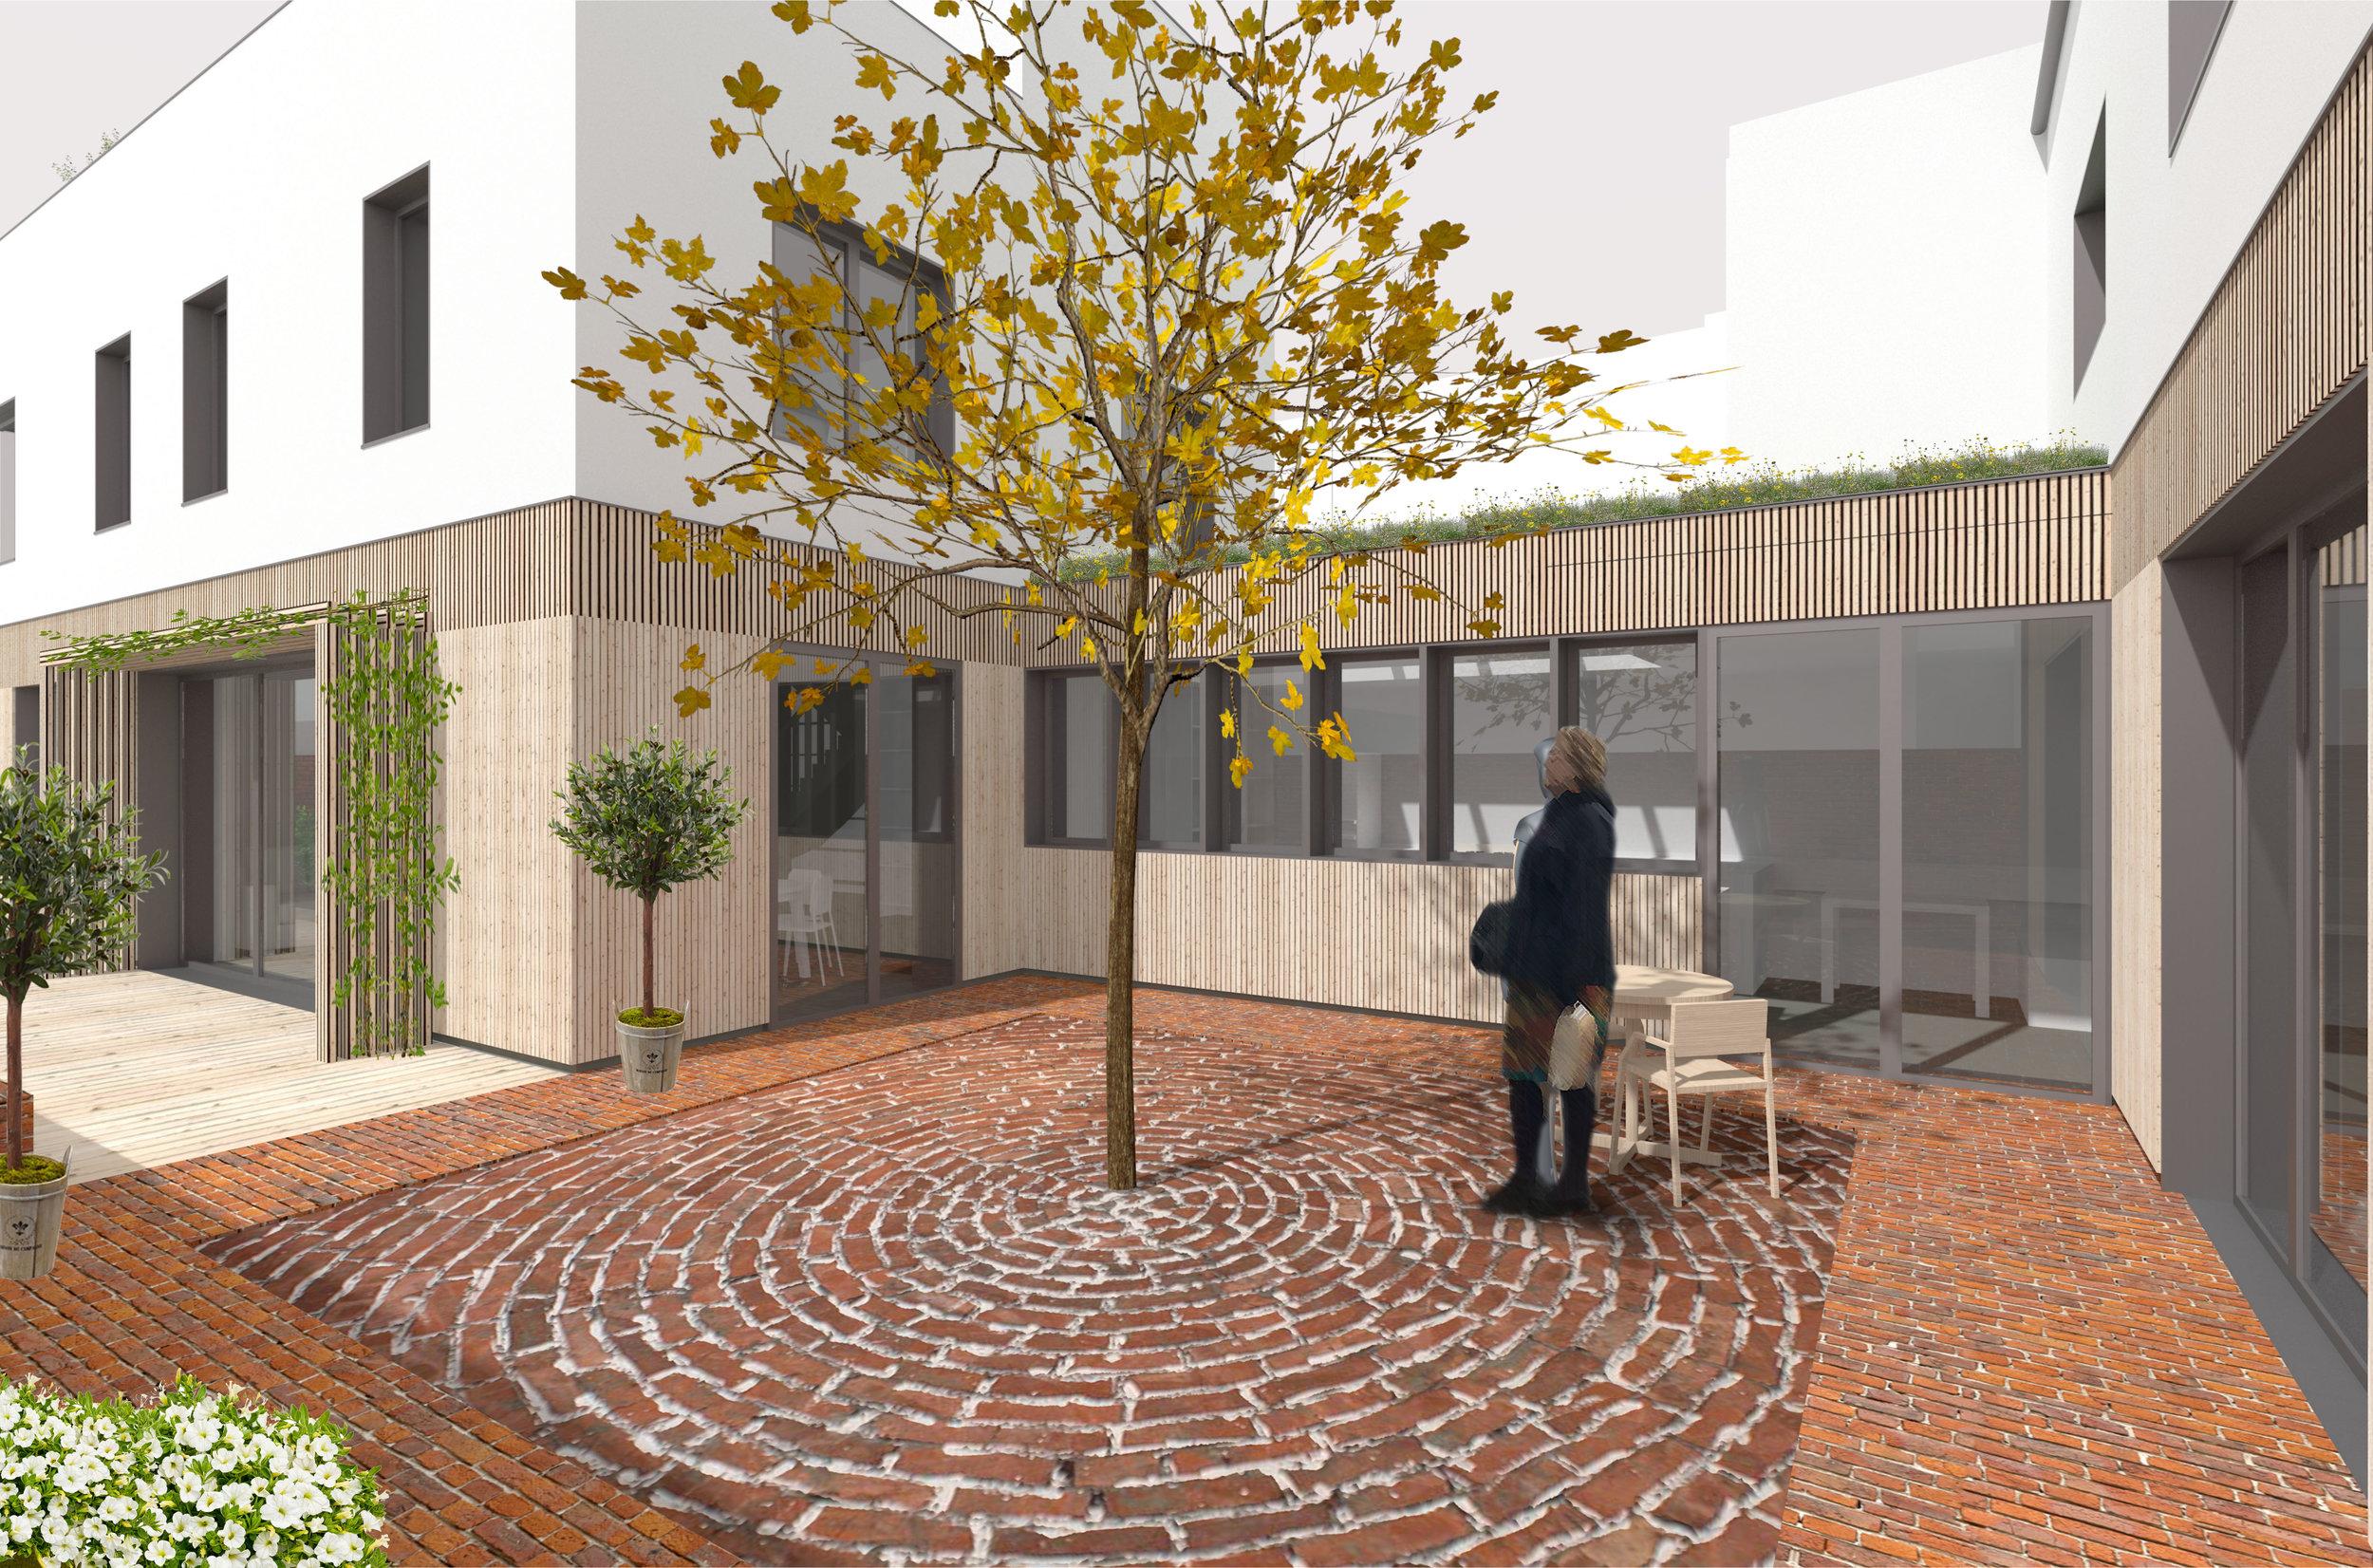 1722_Rax Lane Courtyard Planted.jpg